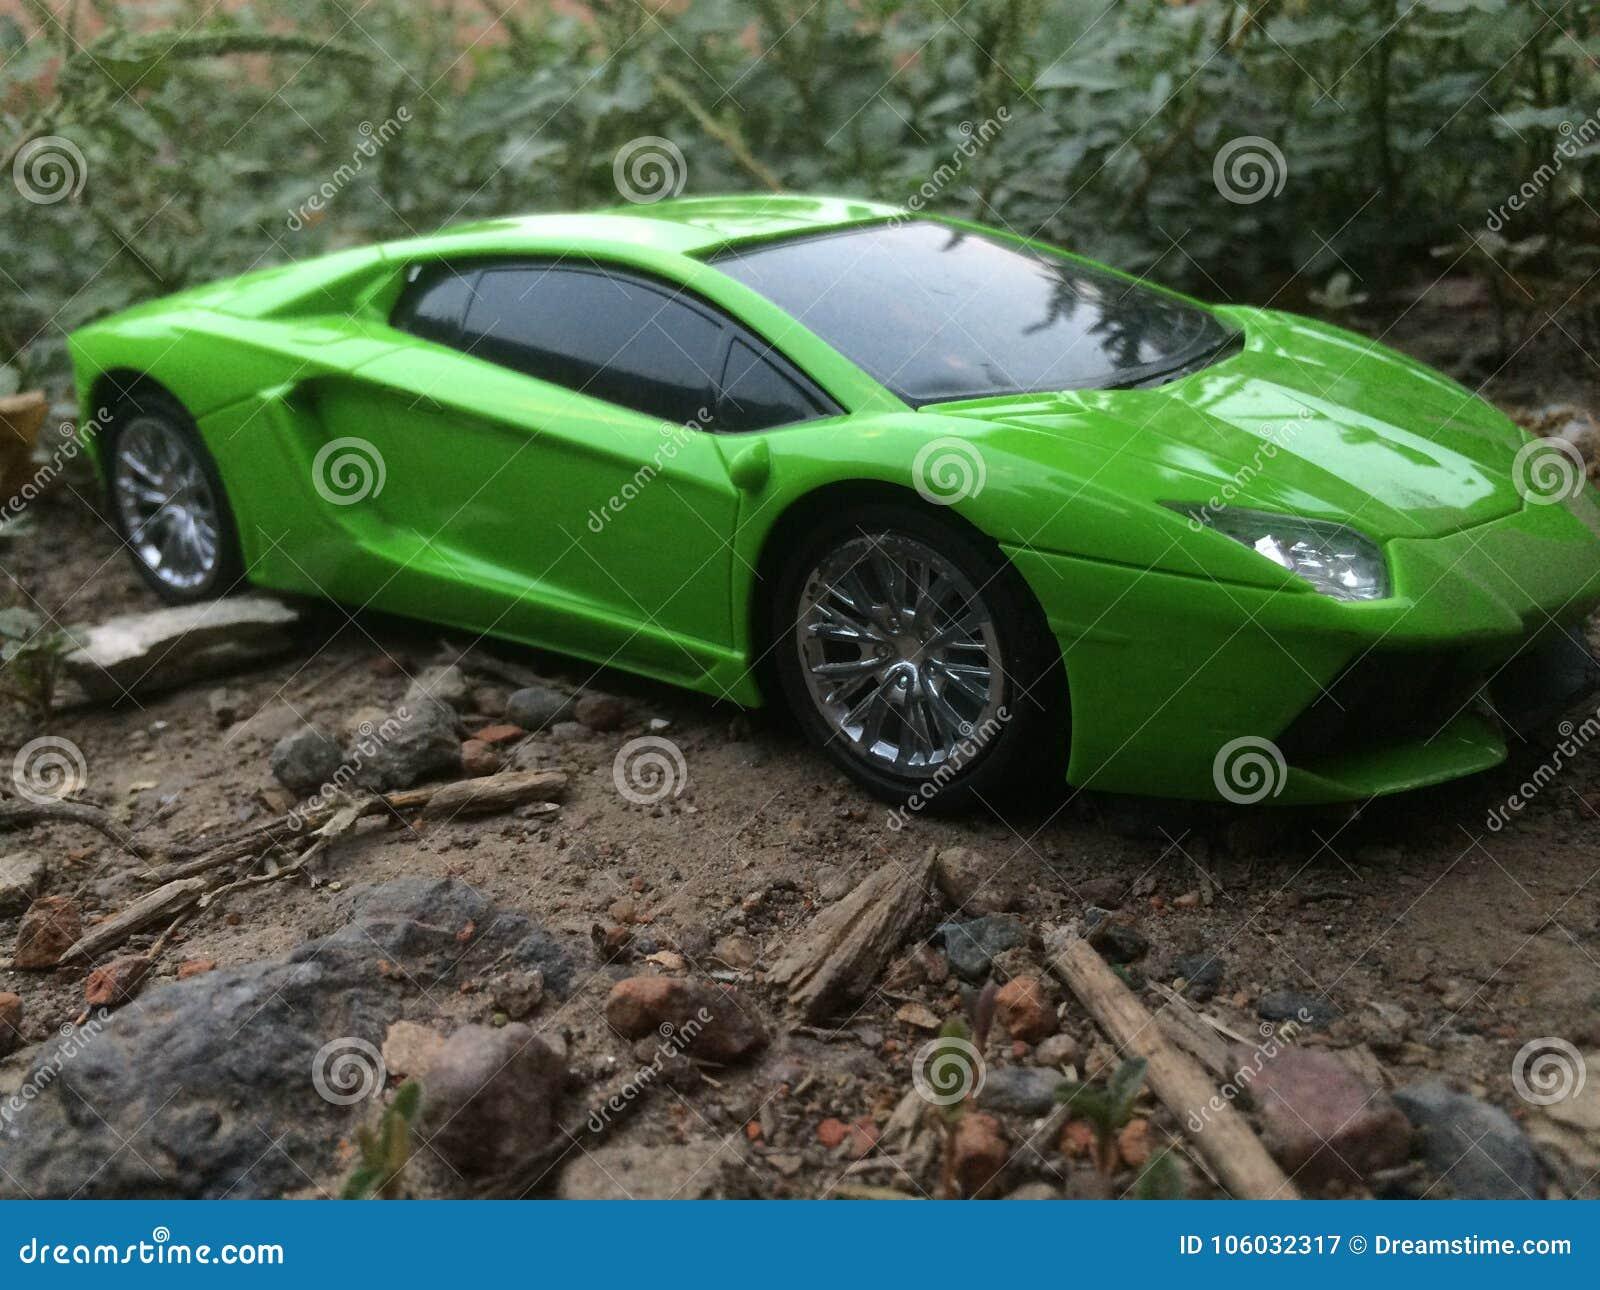 Awesome Lamborghini Toy Car Camera Shot Stock Image Image Of White